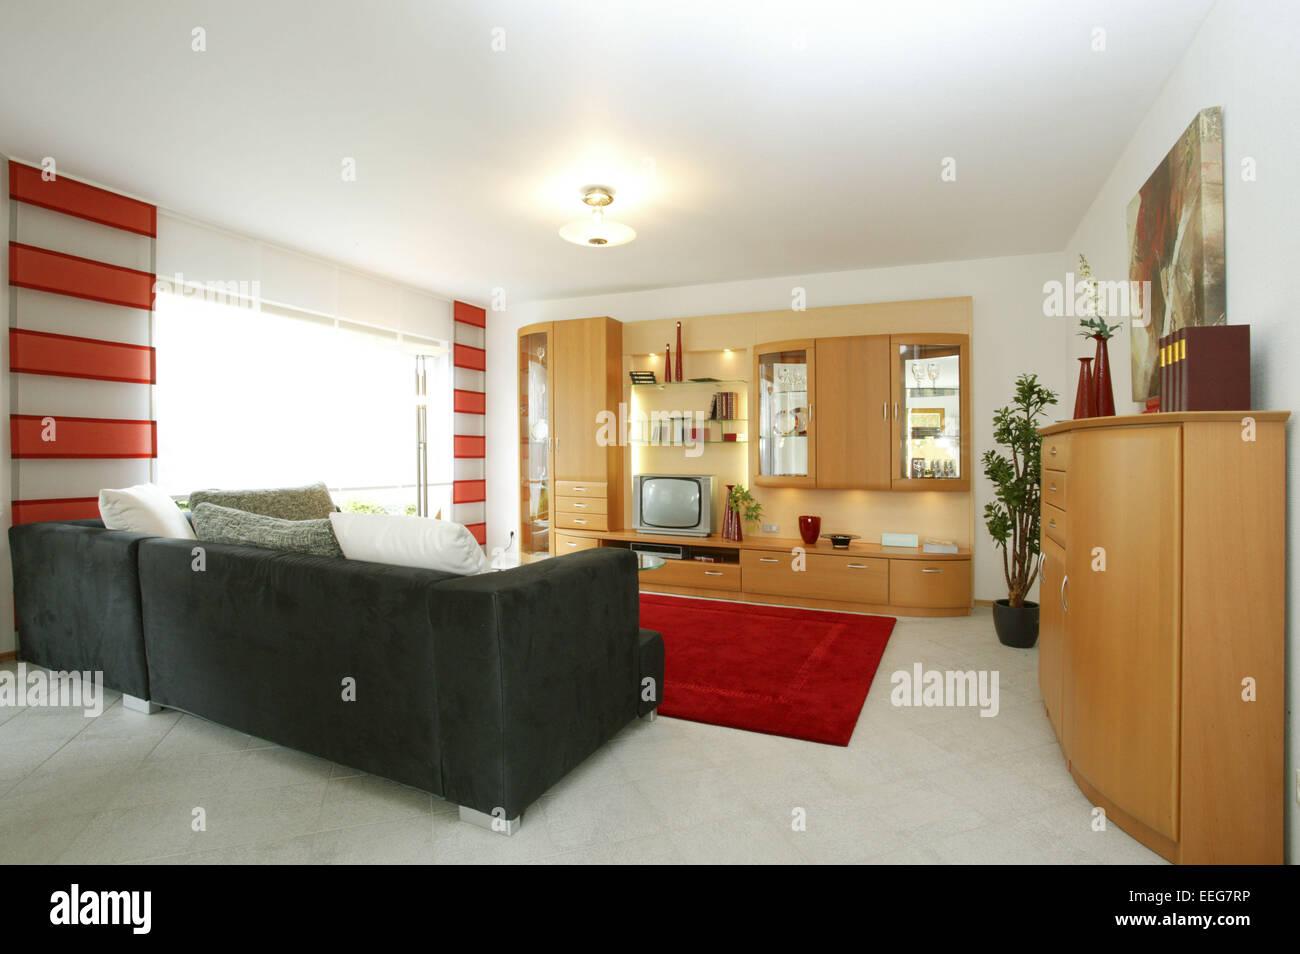 Wohnzimmer Wohnen Innenaufnahme Inneneinrichtung Wohnung Wohnraum ...